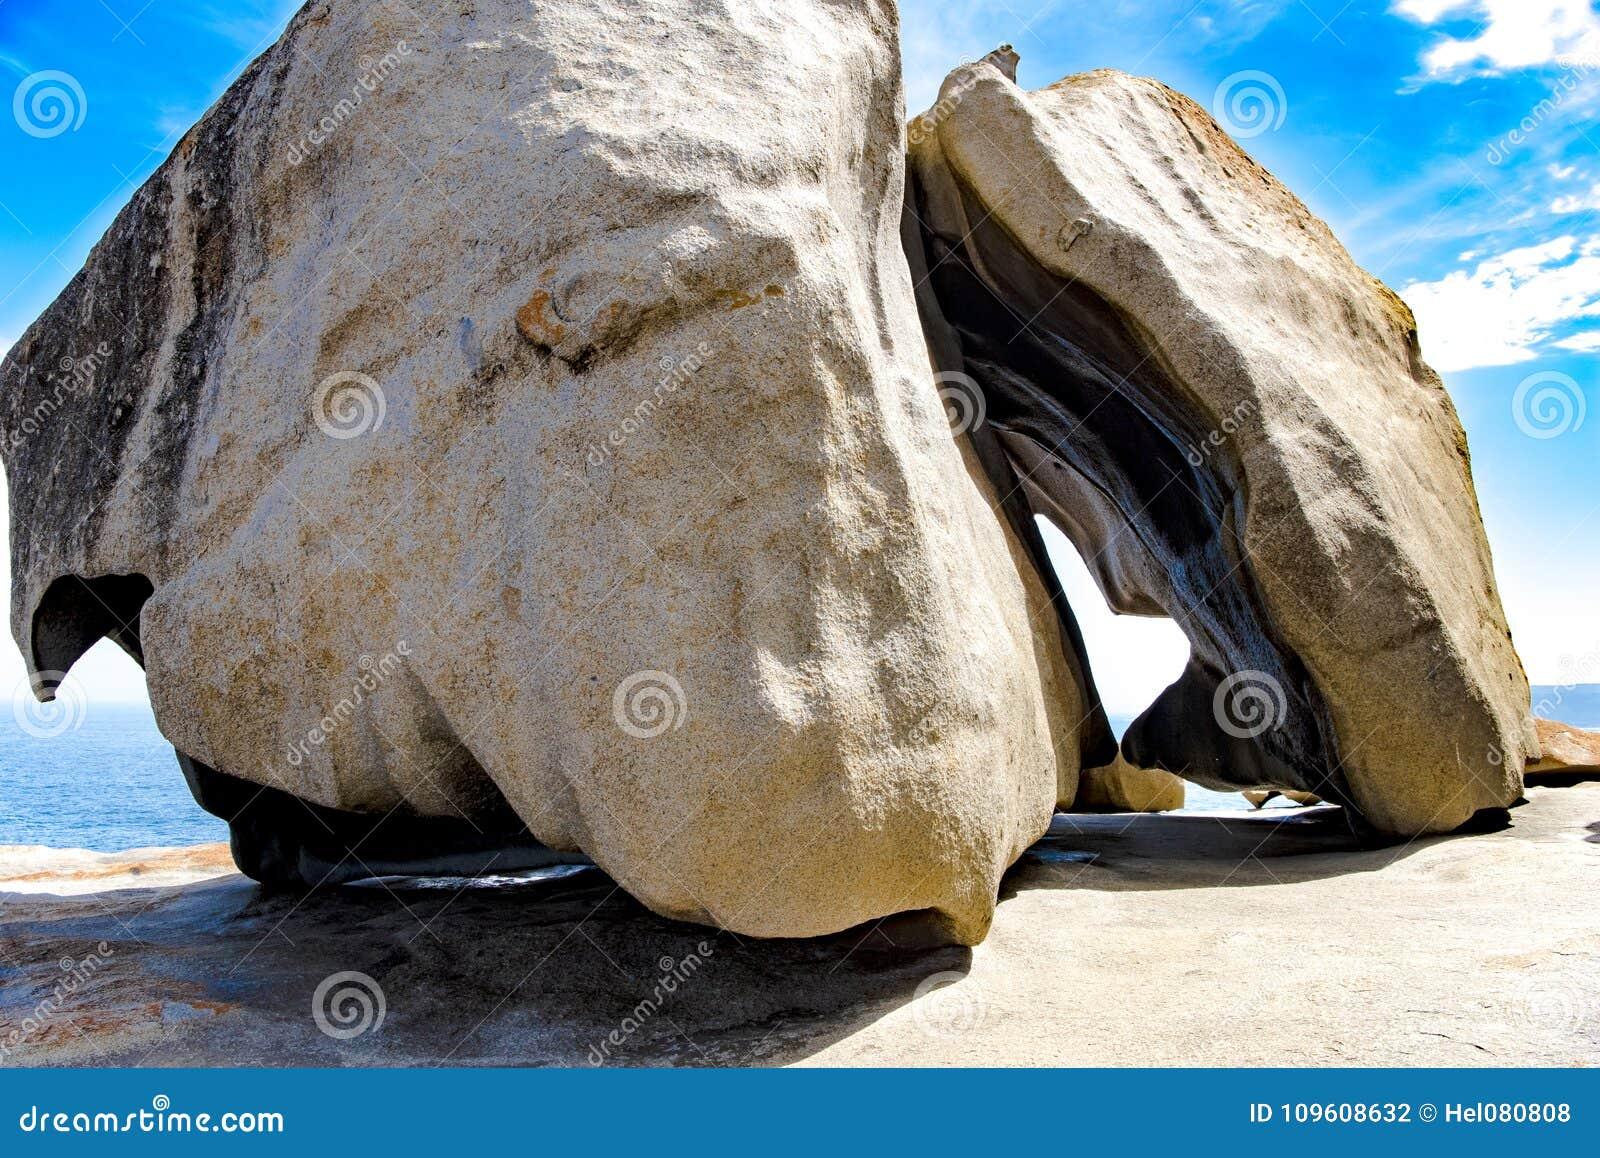 Hirsch des Steins in den bemerkenswerten Felsen, Känguru-Insel, Australien